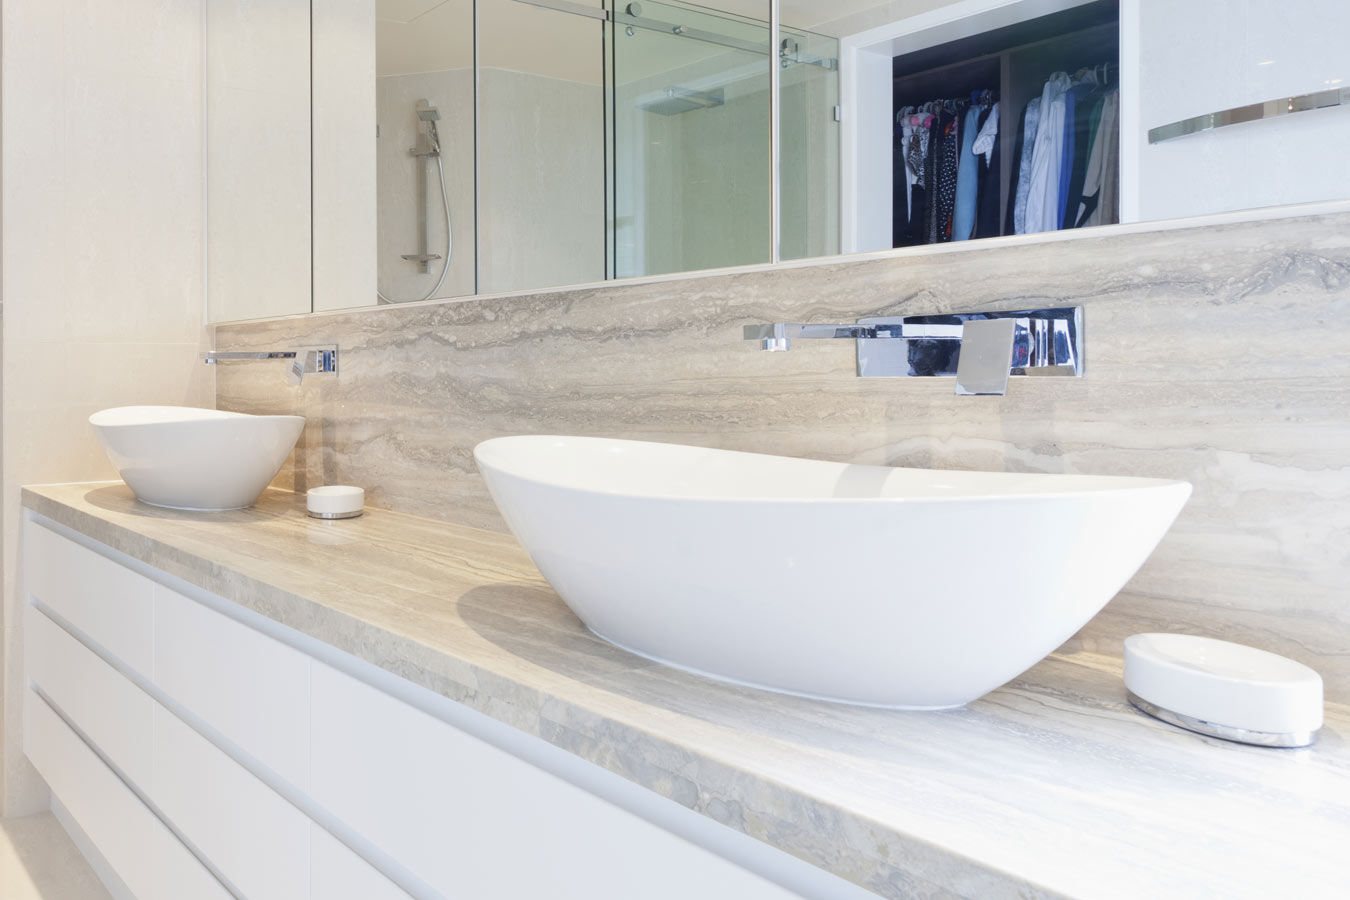 Badkamermeubel kopen tips en inspiratie - Plaat bad ...